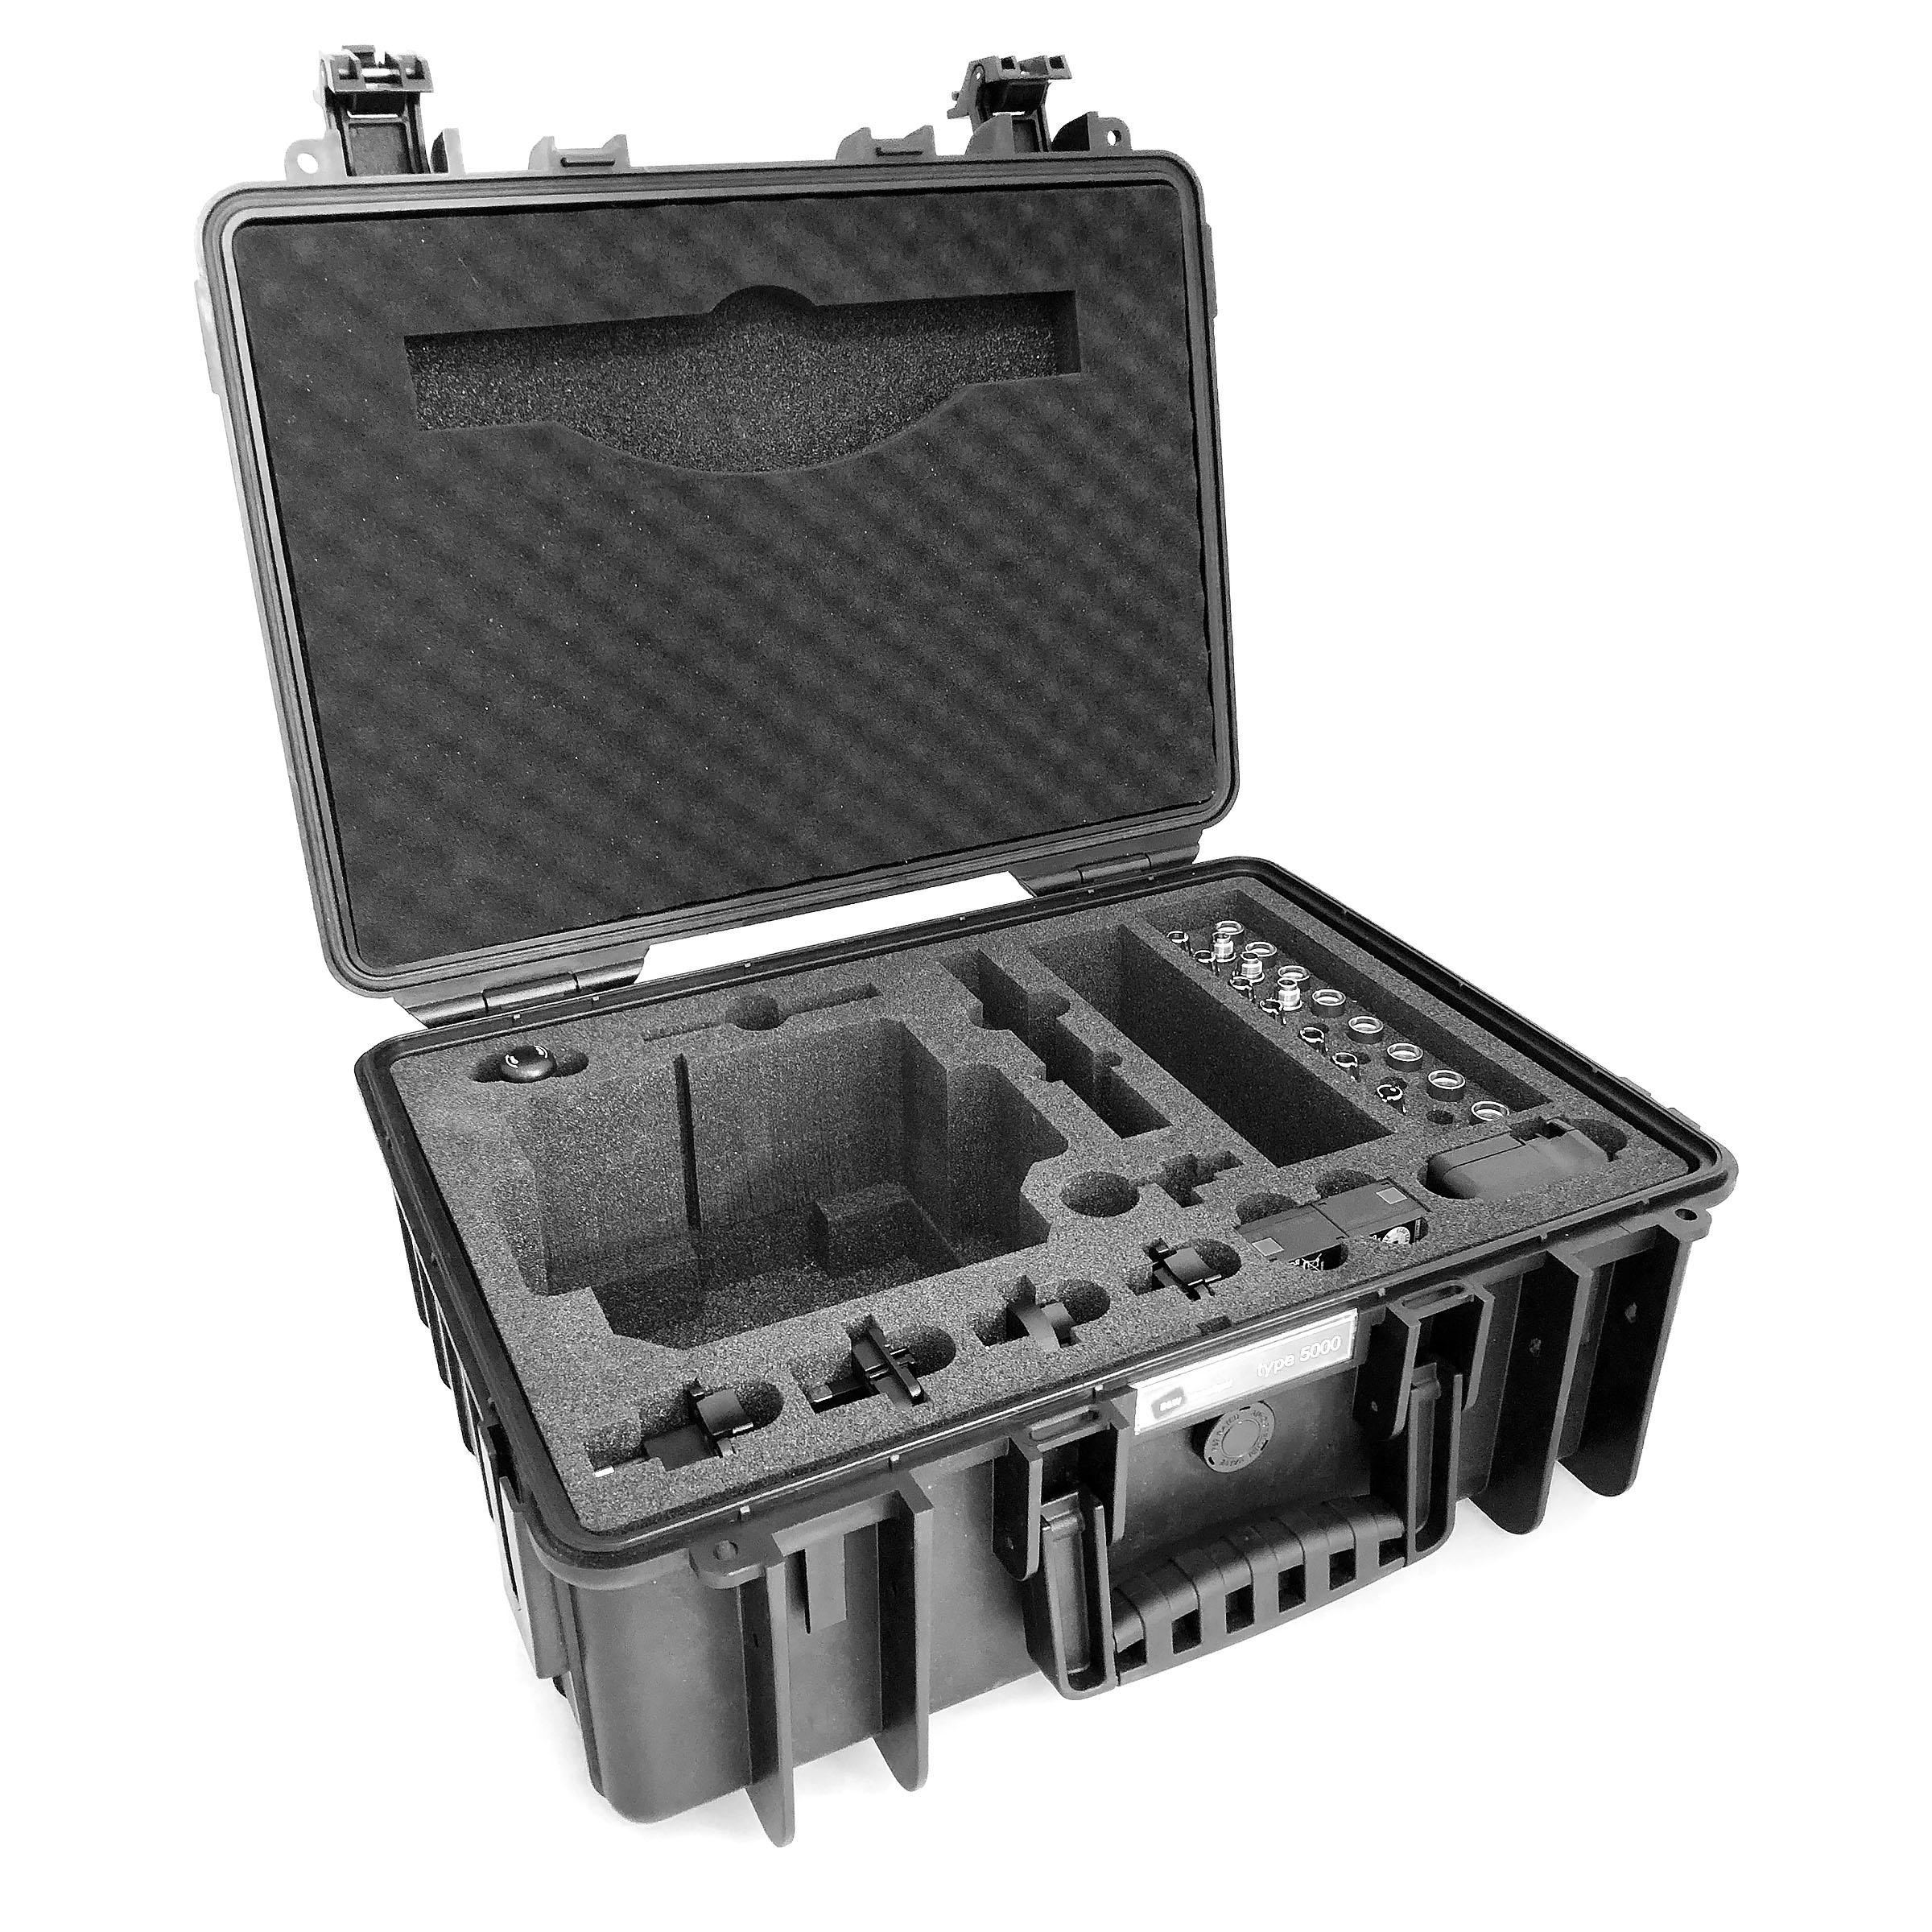 ALPA XO Case Fujifilm GFX 100